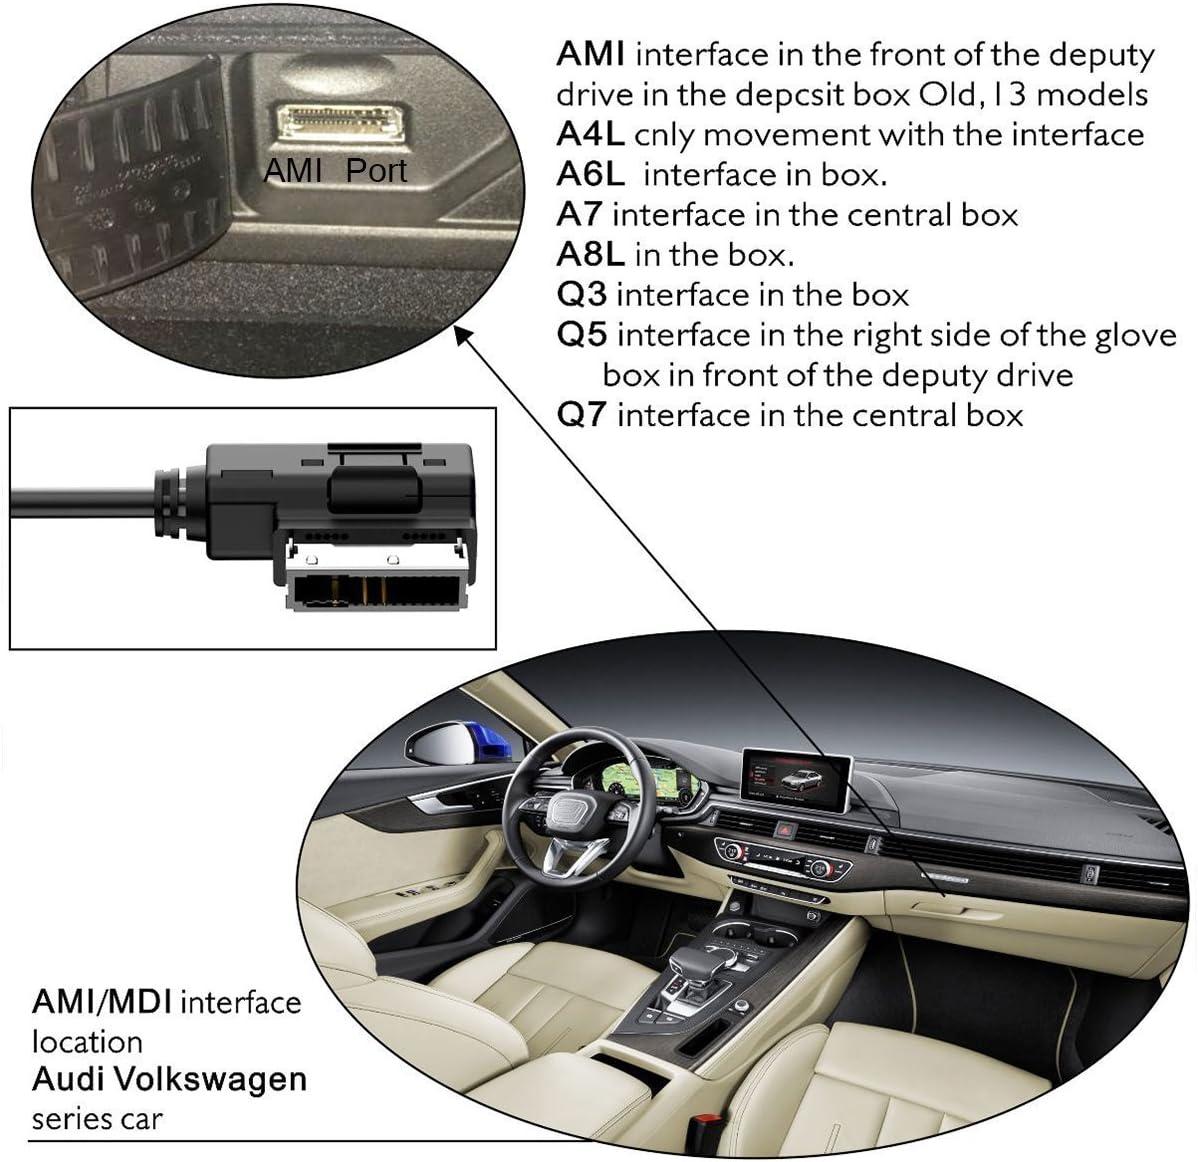 AMI//MDI Bluetooth Wireless-Musikkabel f/ür Audi Volkswagen Bluetooth 5.0 USB-Audioadapter Musikschnittstelle 2G 3G-Musikadapterkabel Zubeh/ör Funktioniert mit Bluetooth-f/ähigen Smartphones